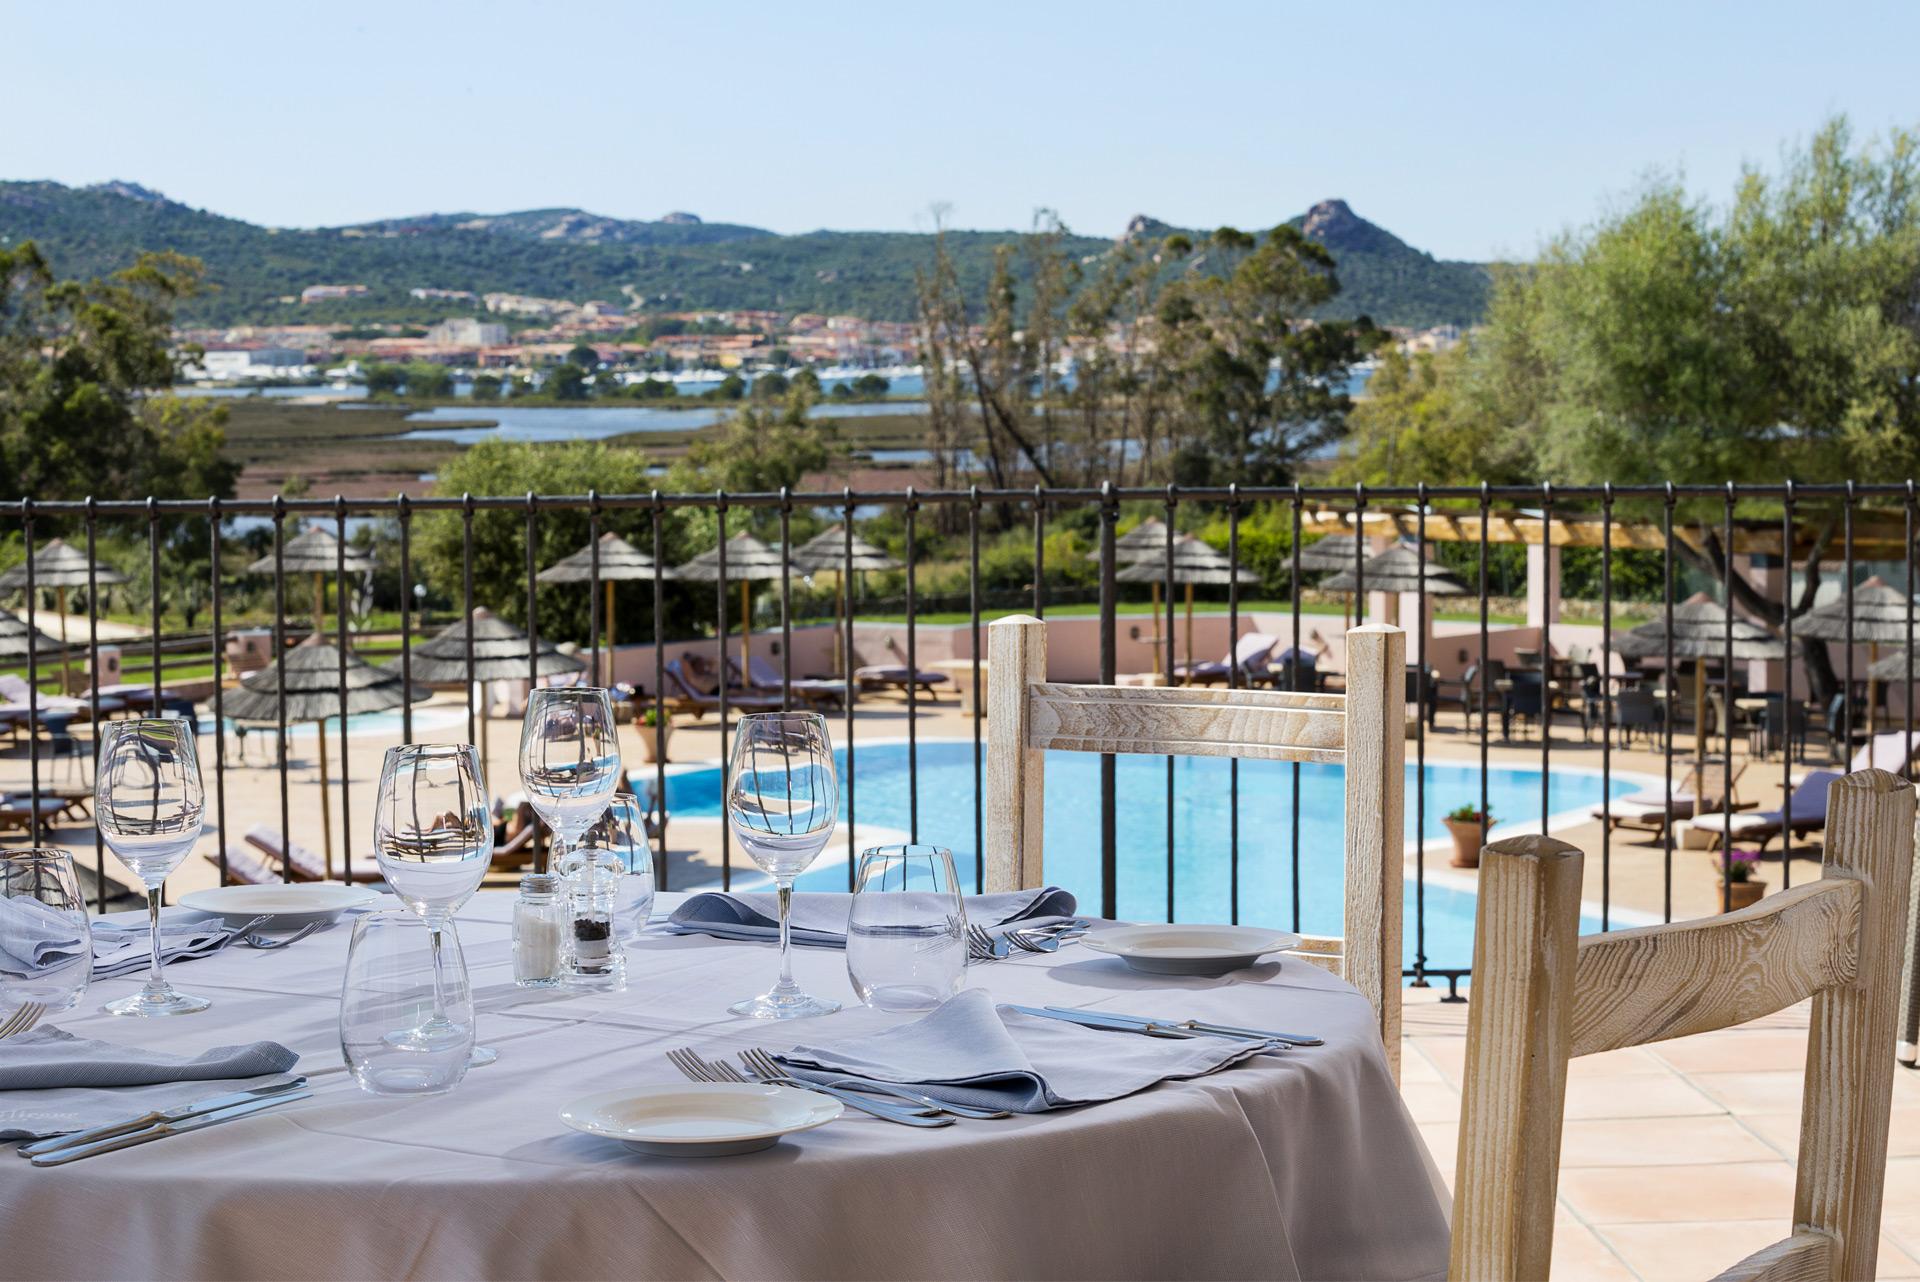 gruppo-felix-hotels-hotel-airone-arzachena-ristorante-terrazza